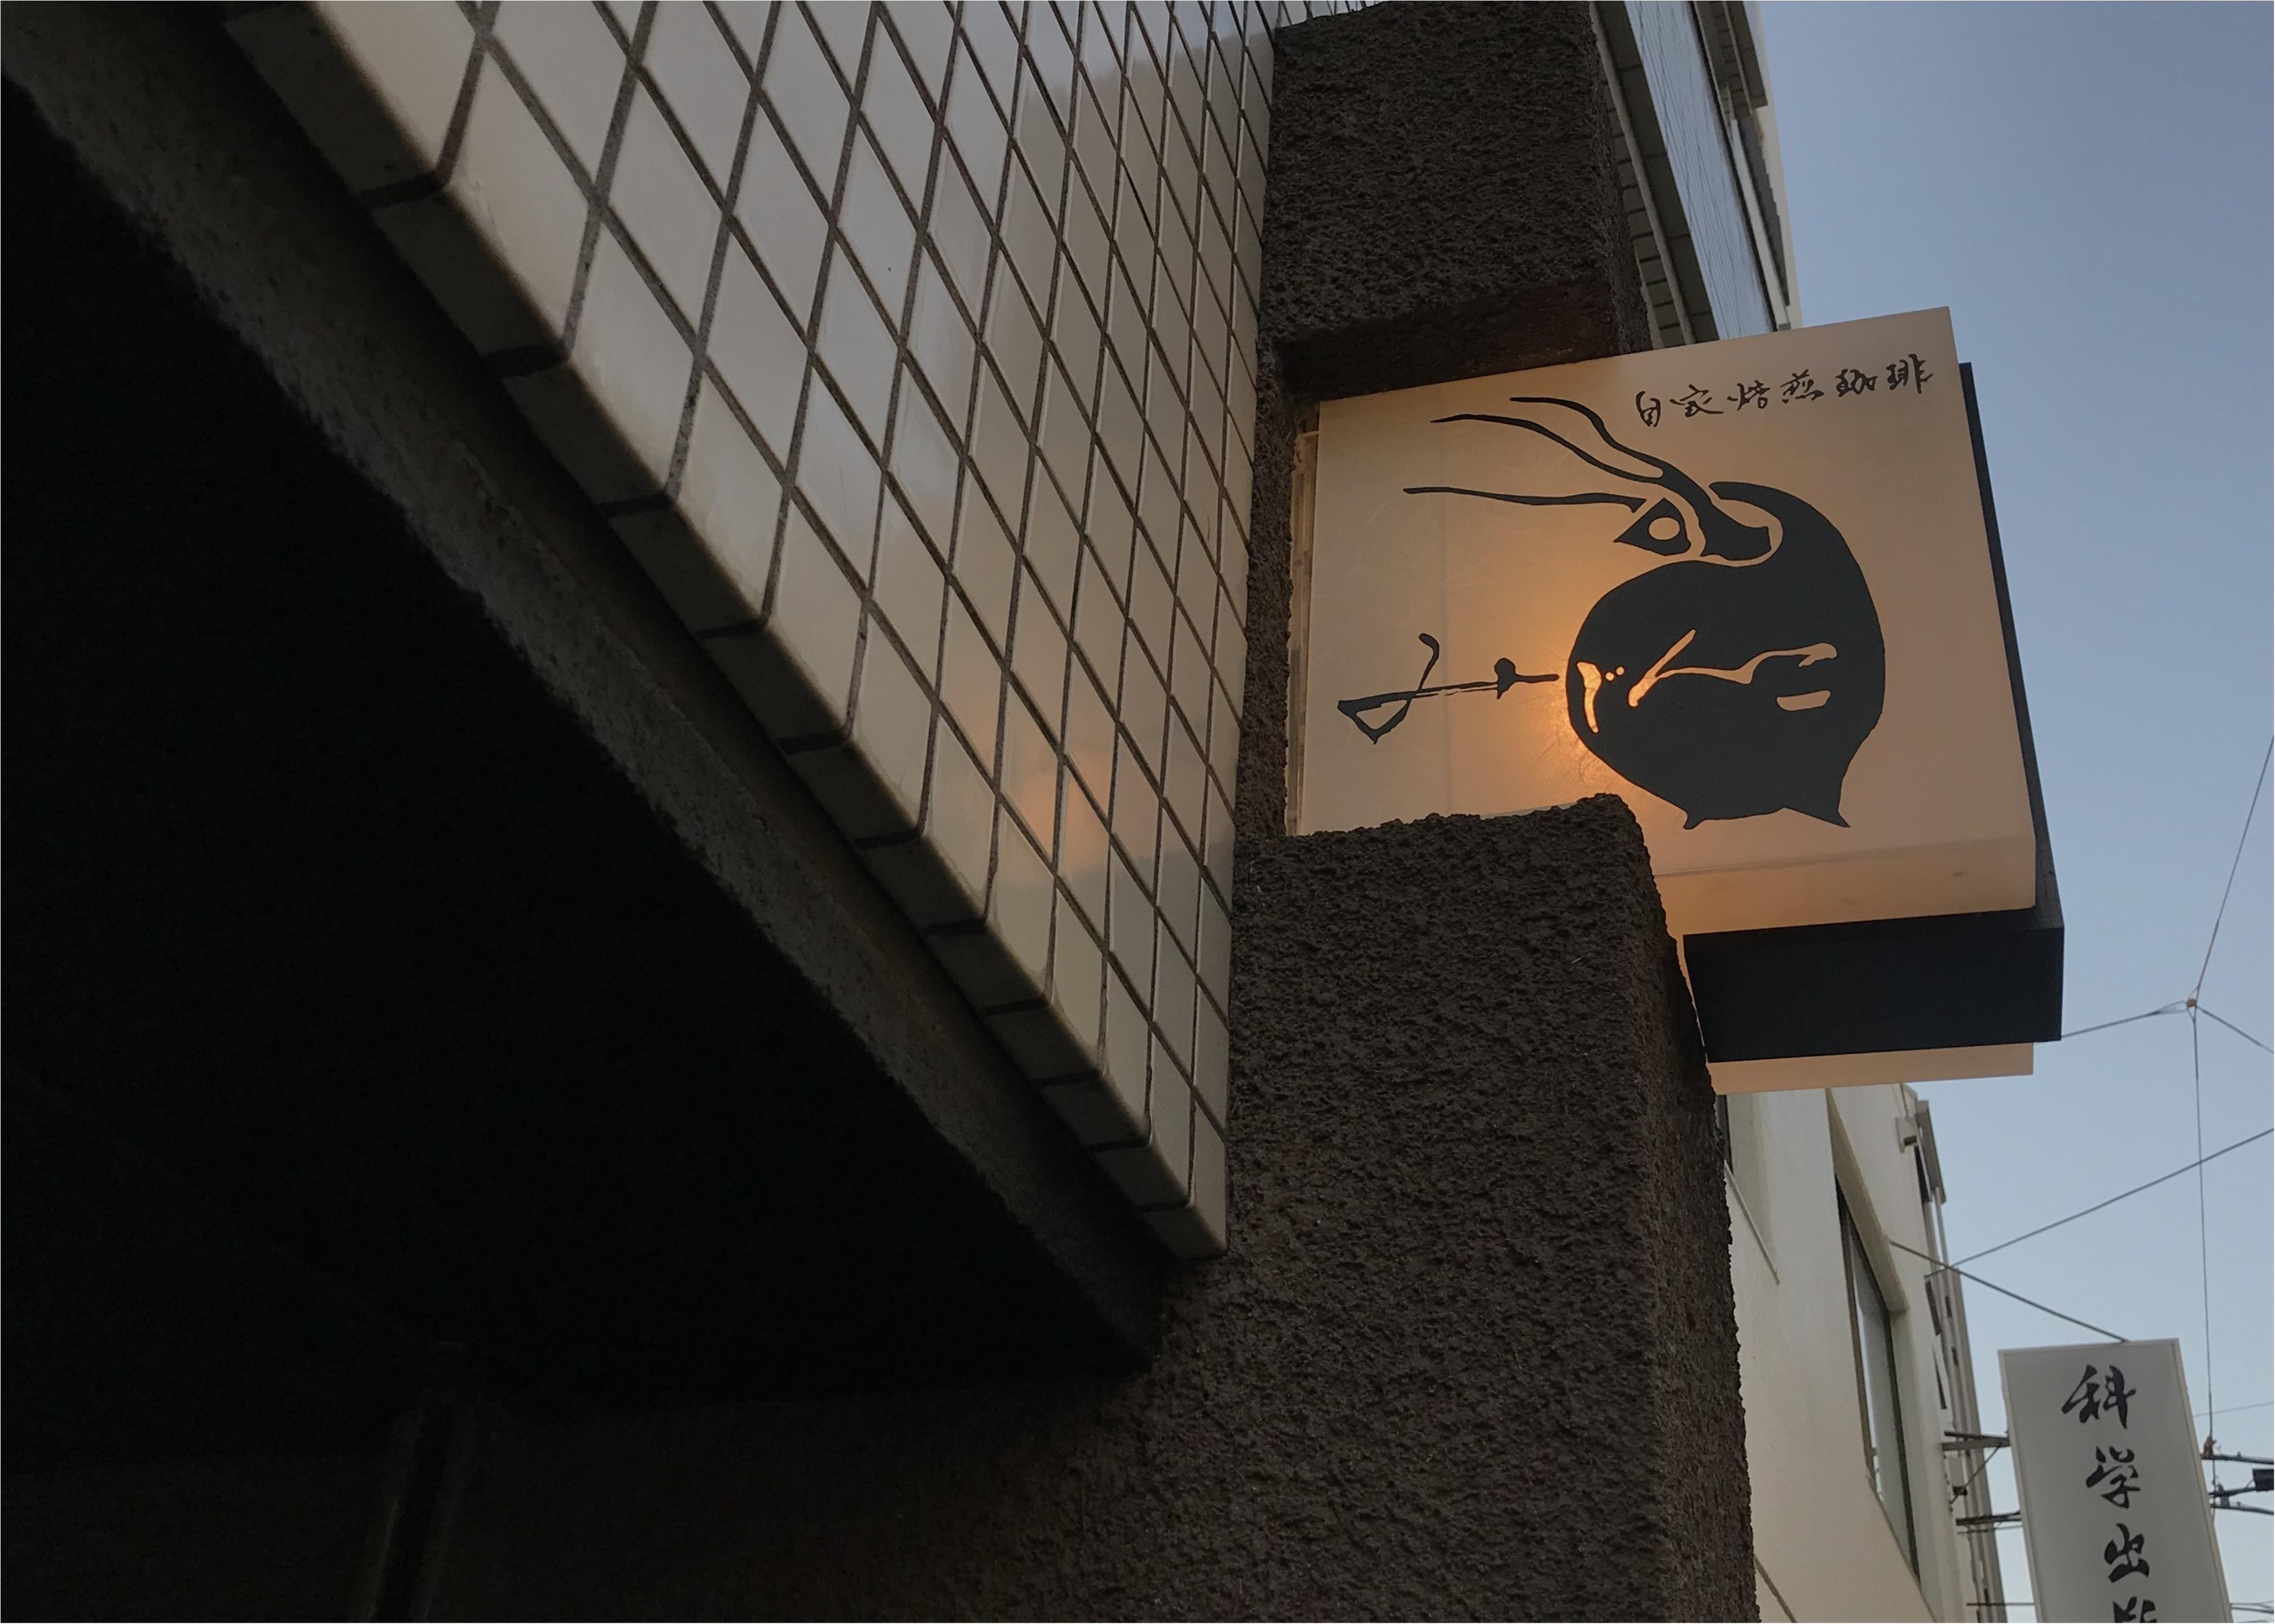 """【カフェみじんこ】御茶ノ水で#インスタ映え! """"厚焼きホットケーキ""""が話題のお店!フワフワ感が堪らない♡_1"""